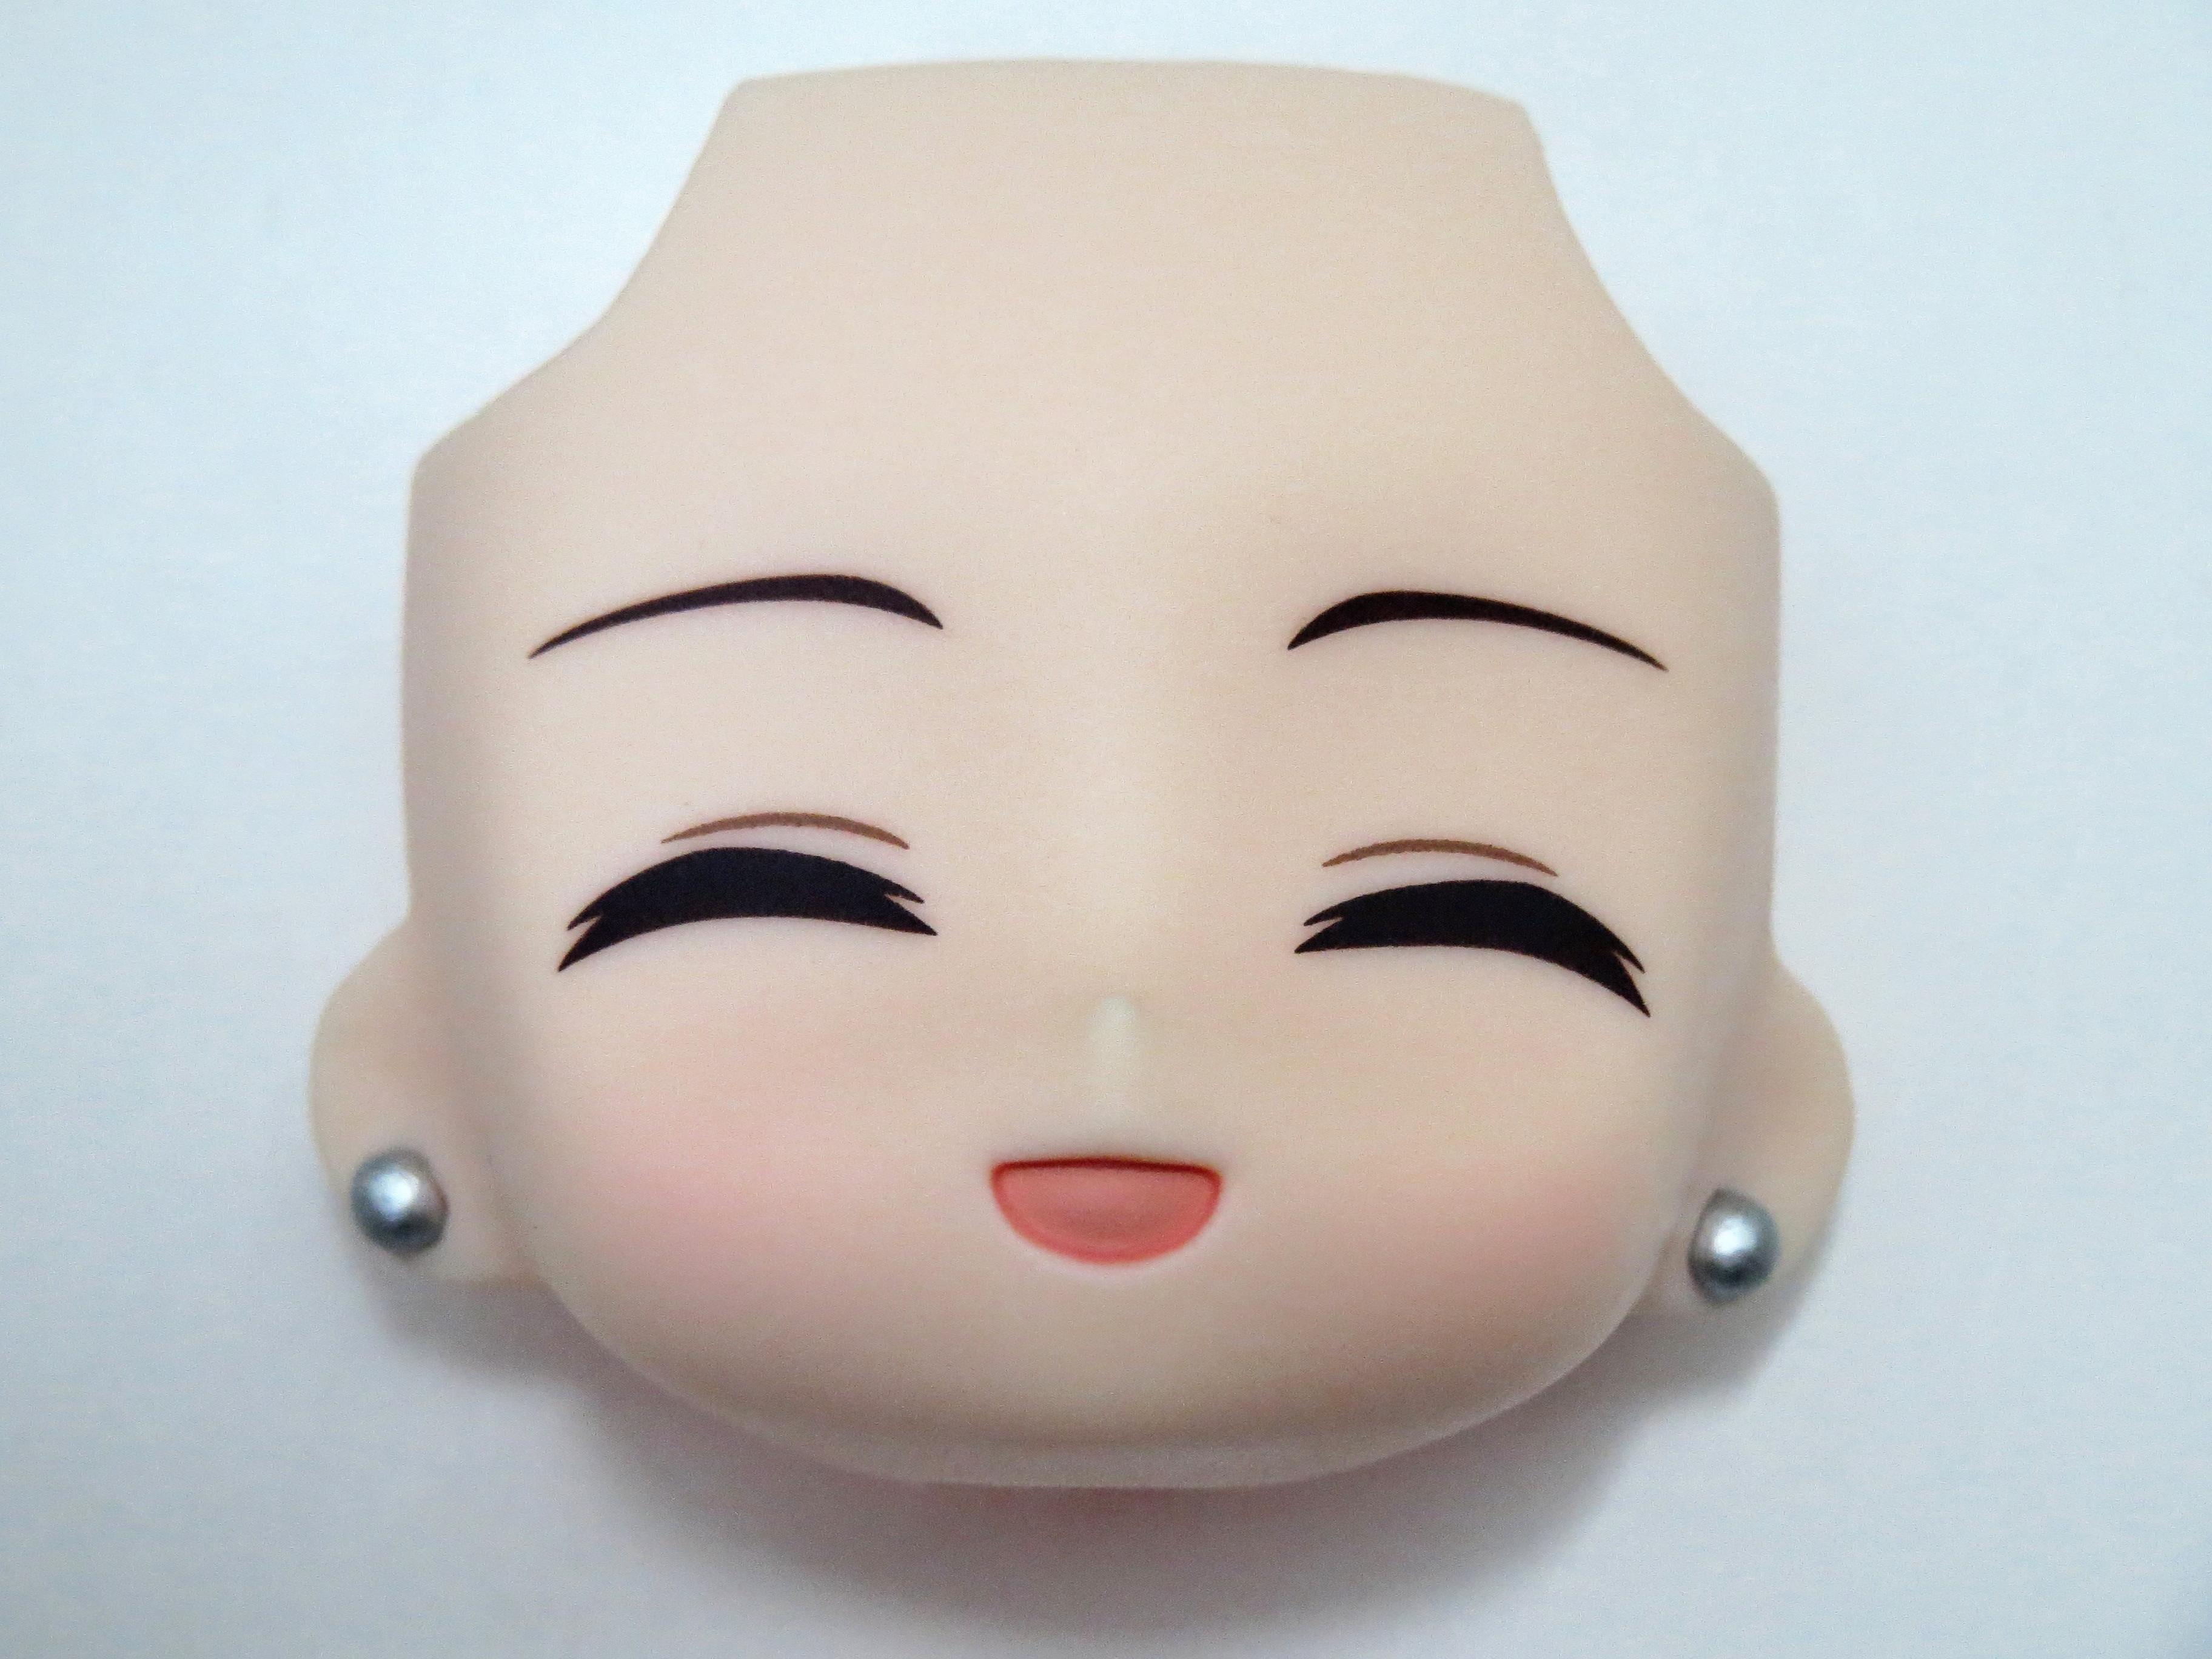 【SALE】【512】 渋谷凛 顔パーツ 笑顔 ねんどろいど